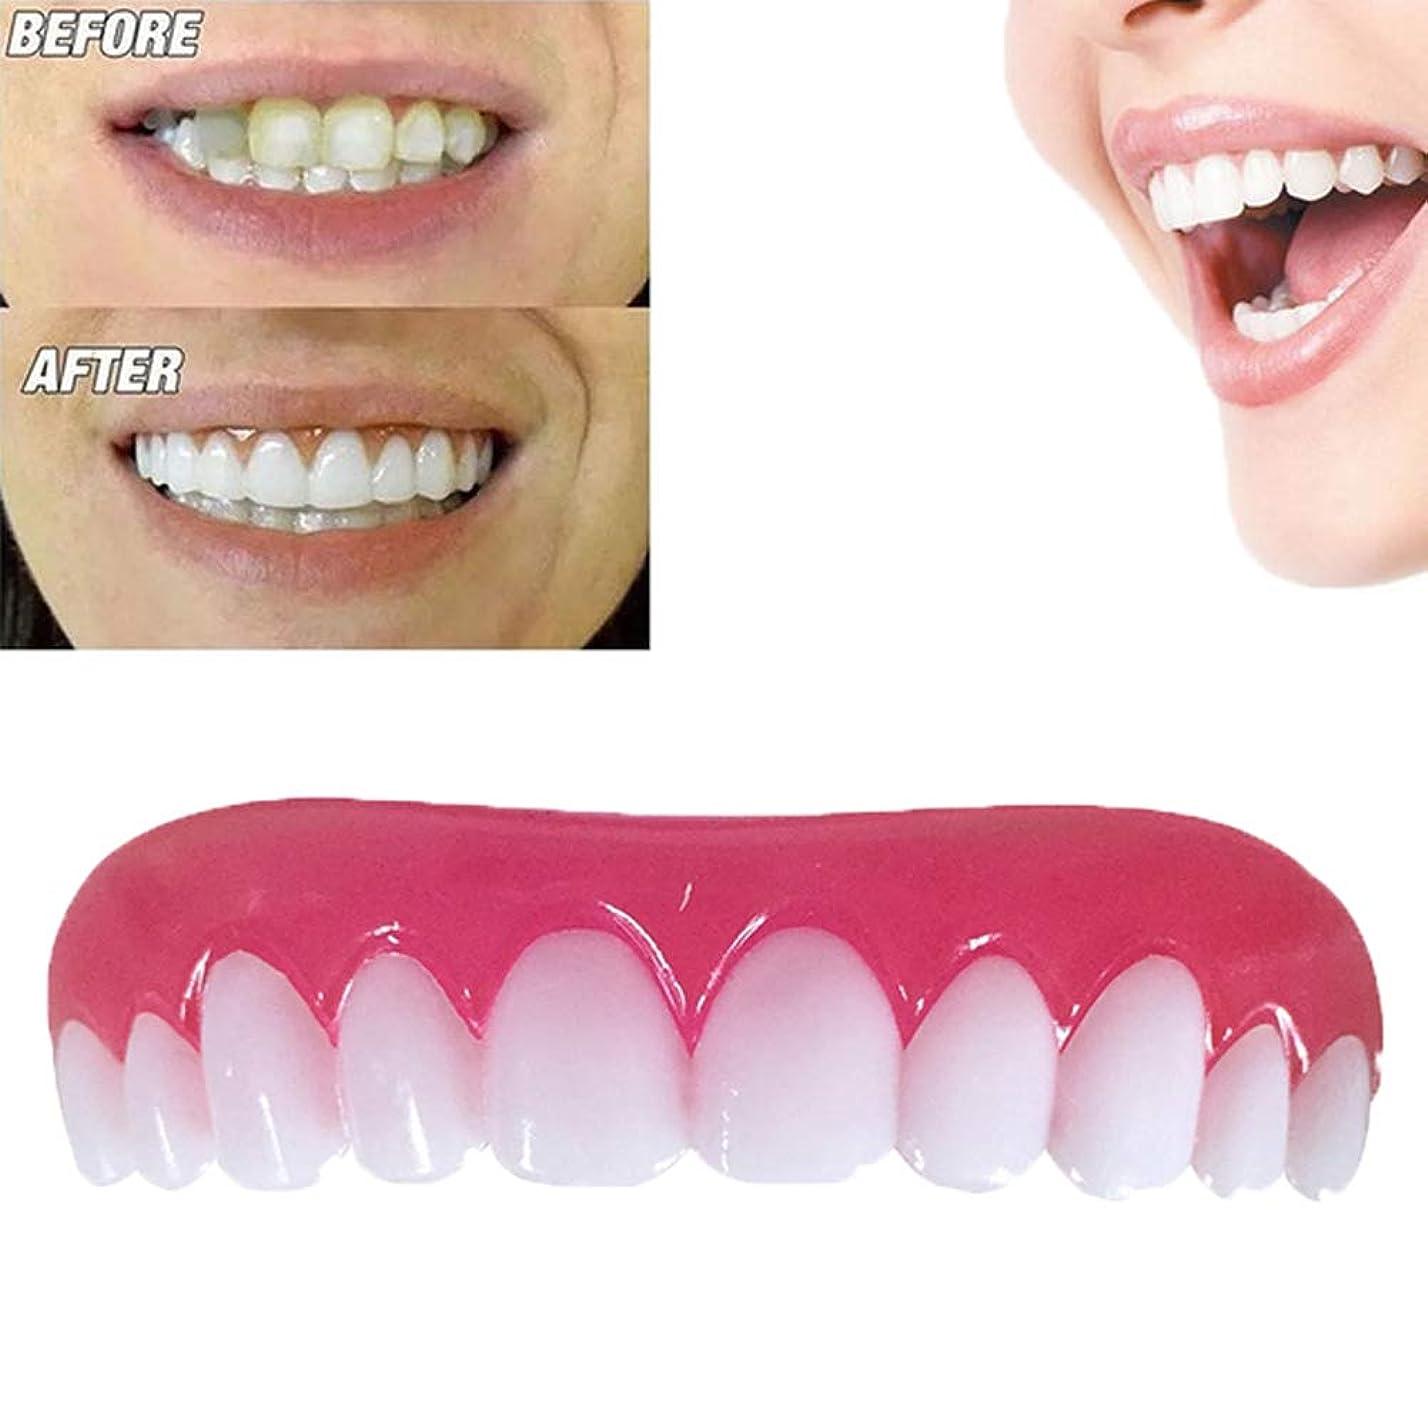 オフパノラマ暗くする義歯化粧品歯、4個美容歯科ボタンアメージングスマイル快適な柔らかい歯科突き板歯科化粧品ステッカー